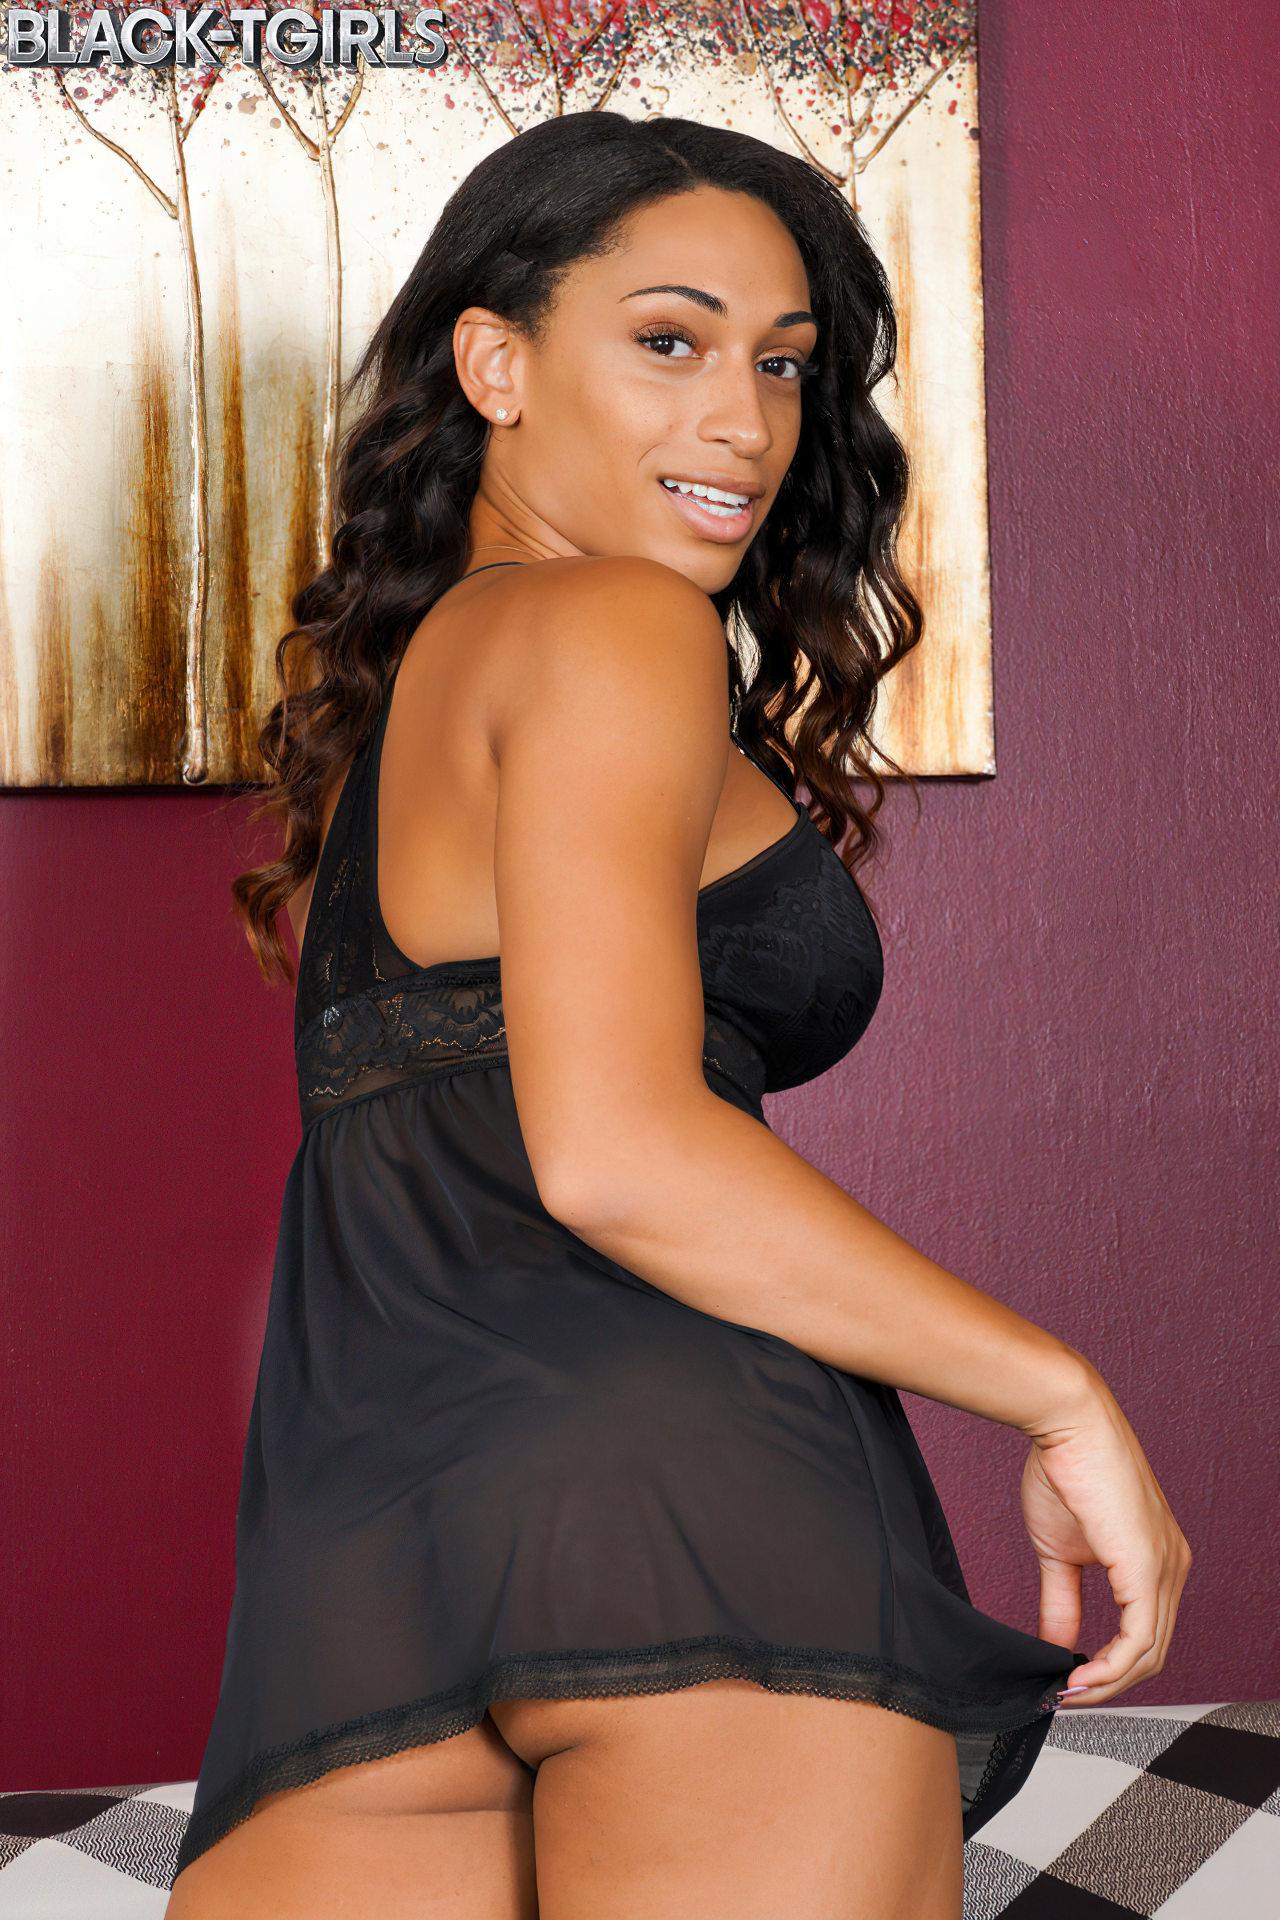 Jasmine Negra Gostosa (1)